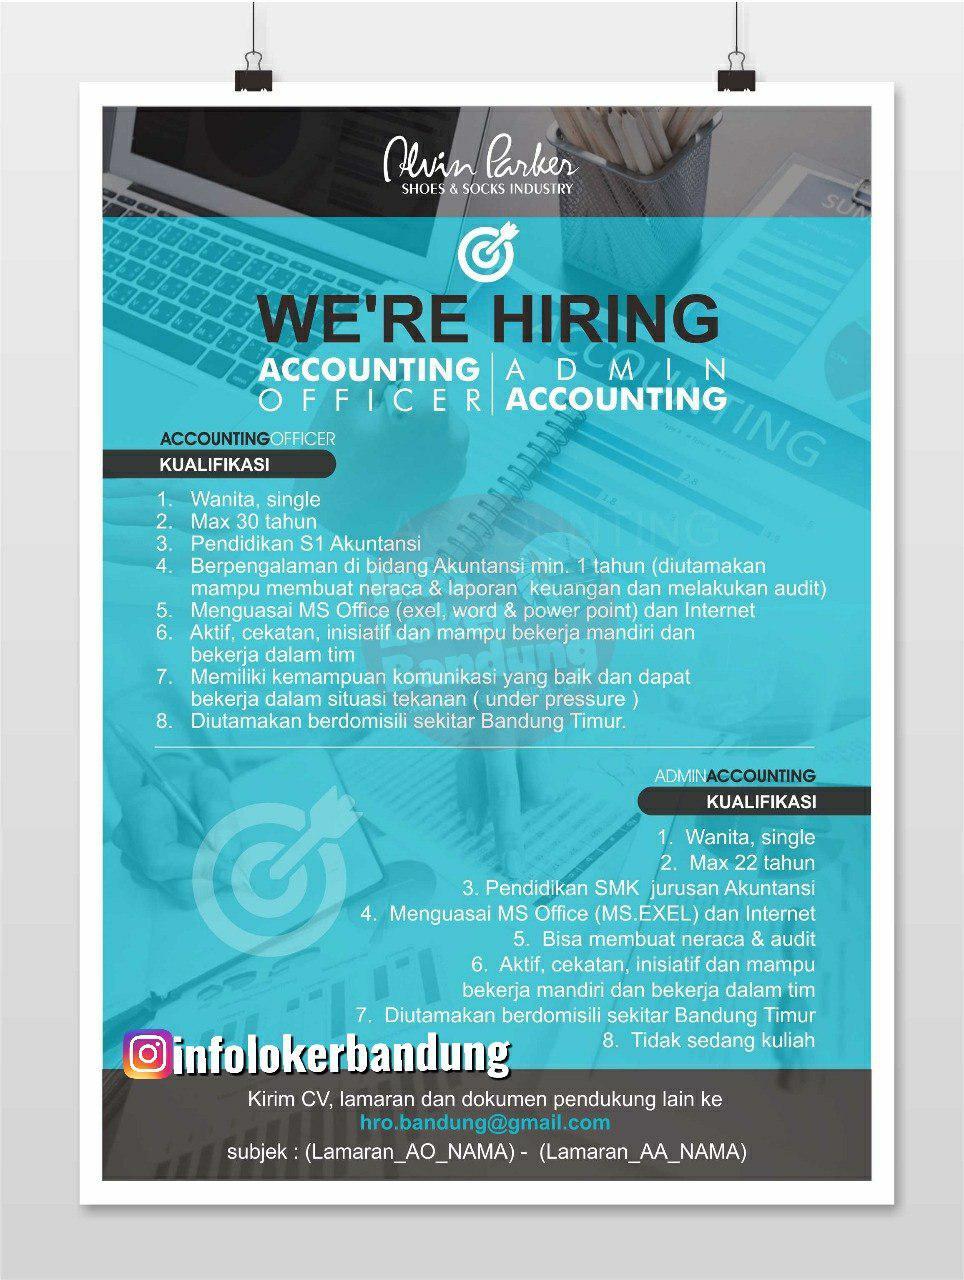 Lowongan Kerja Admin Accounting & Accounting Officer Alvin Parker Bandung Juni 2019